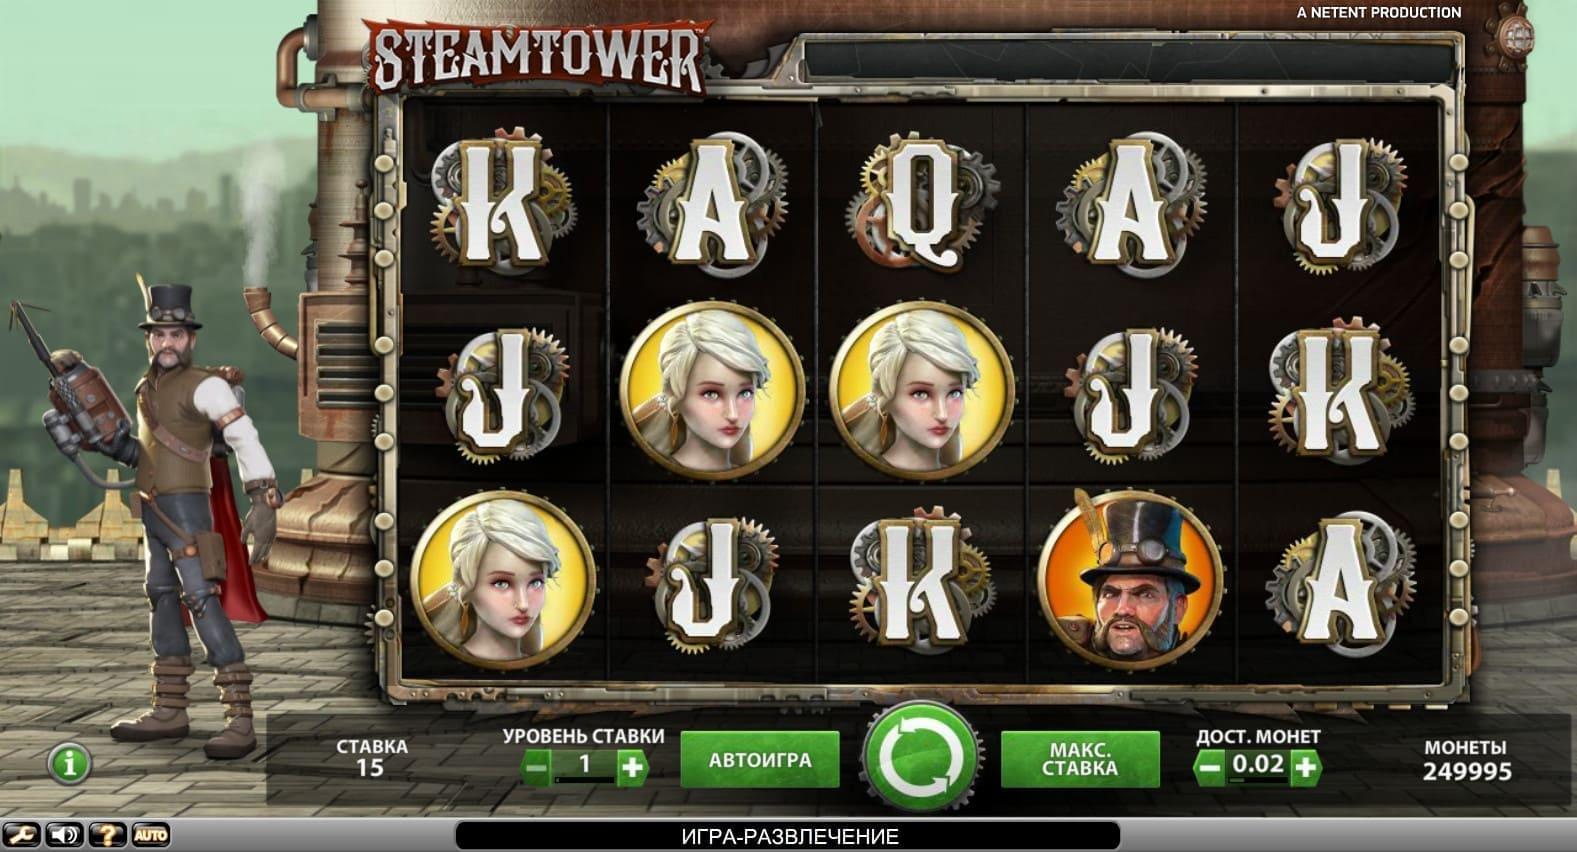 Spielen Sie Steam Tower Slot Machine im Betchaser Casino-4